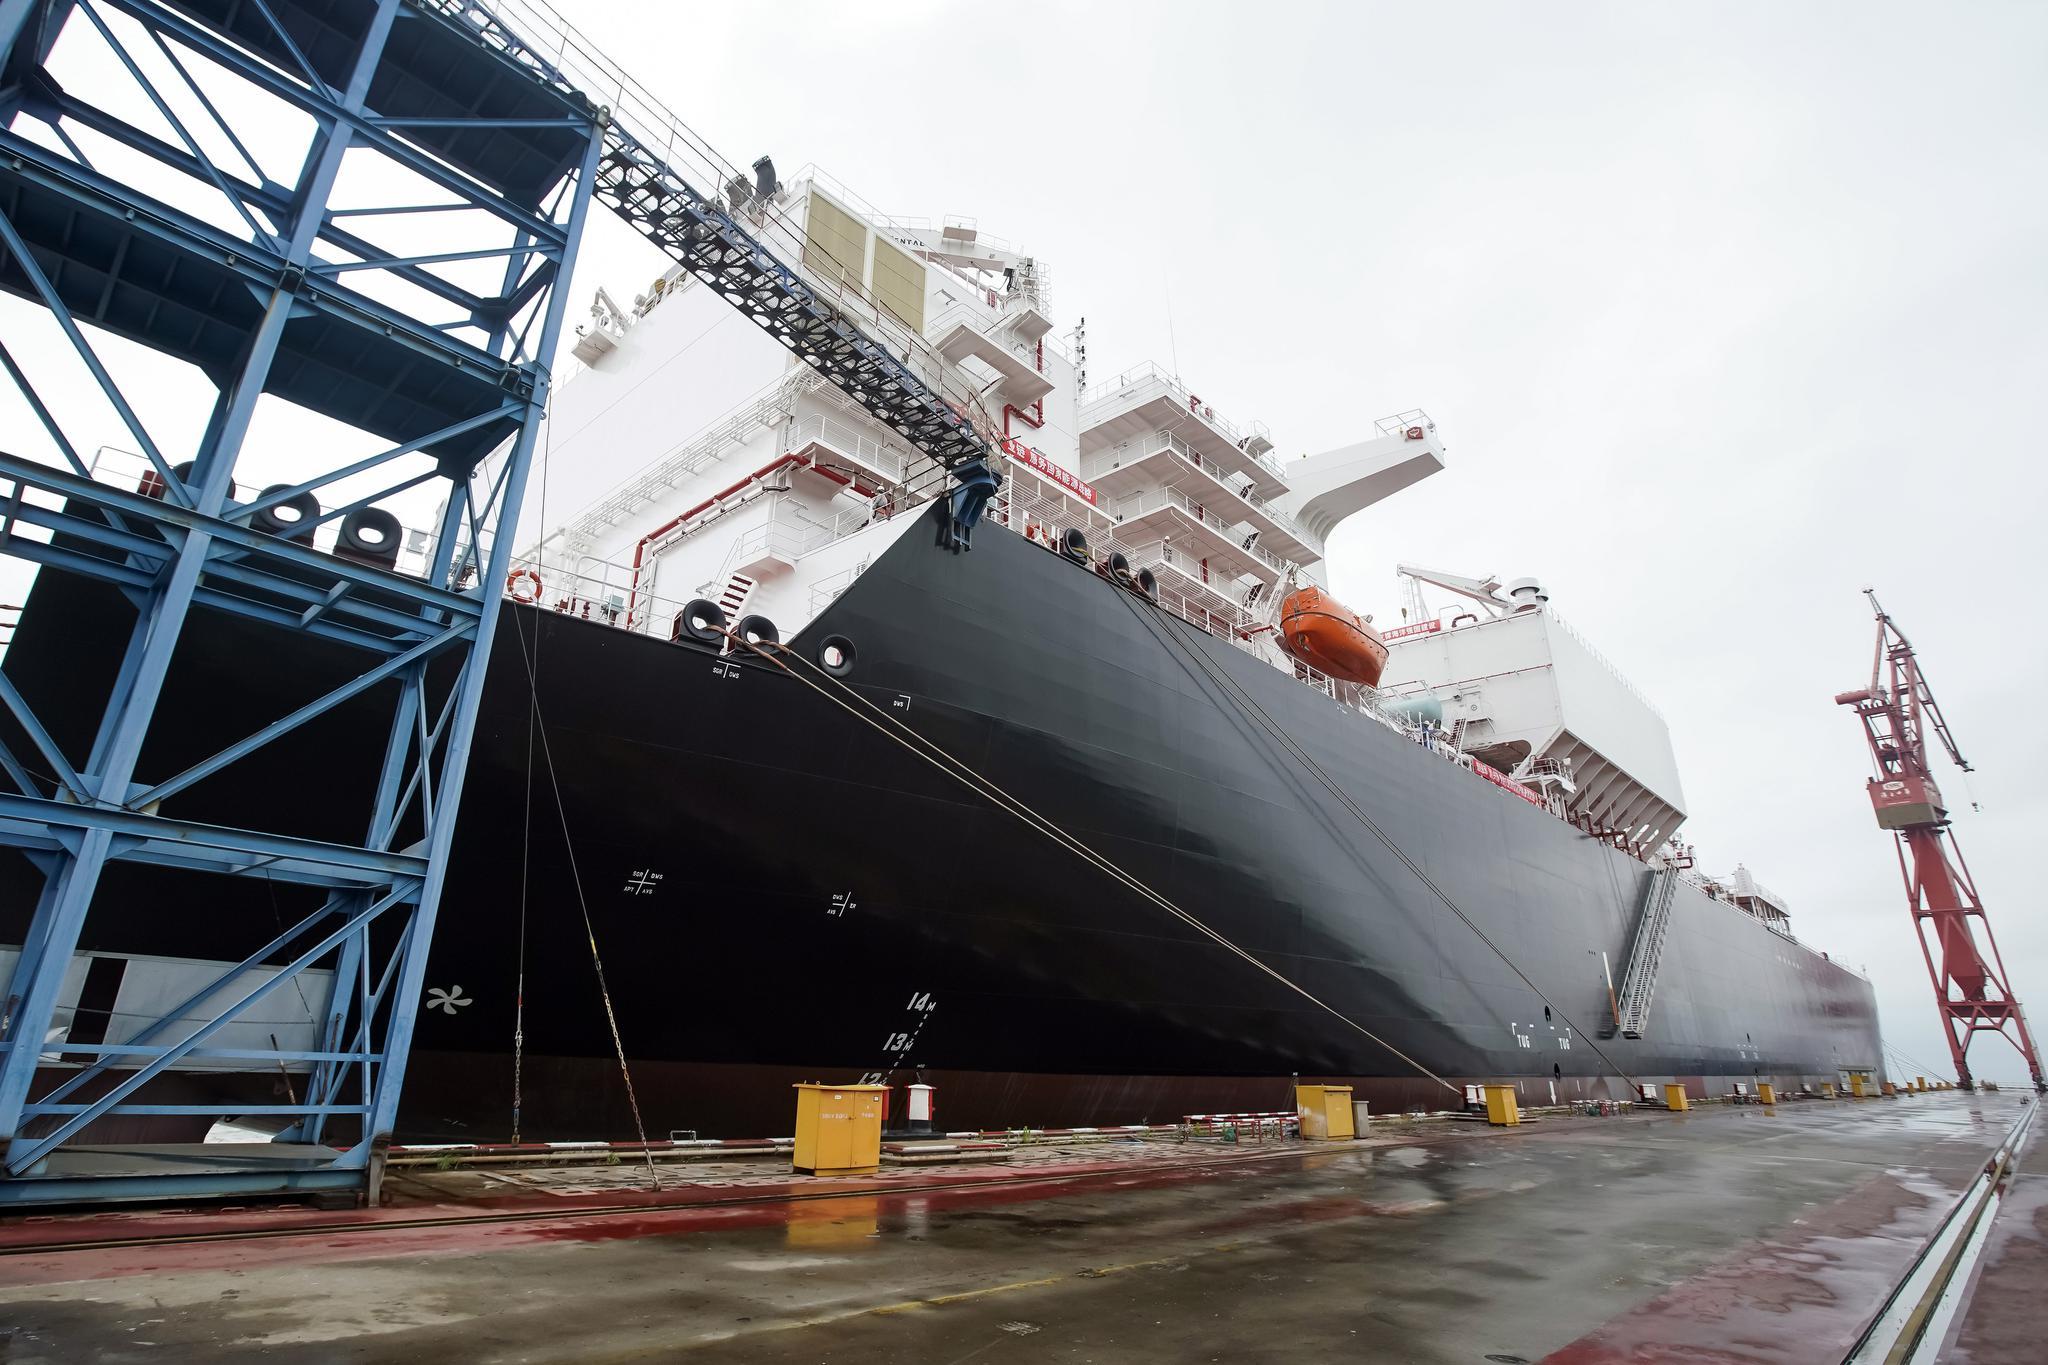 南北船筹划重组,保利合并中丝,央企整合是否有望再提速,这次会议值得关注